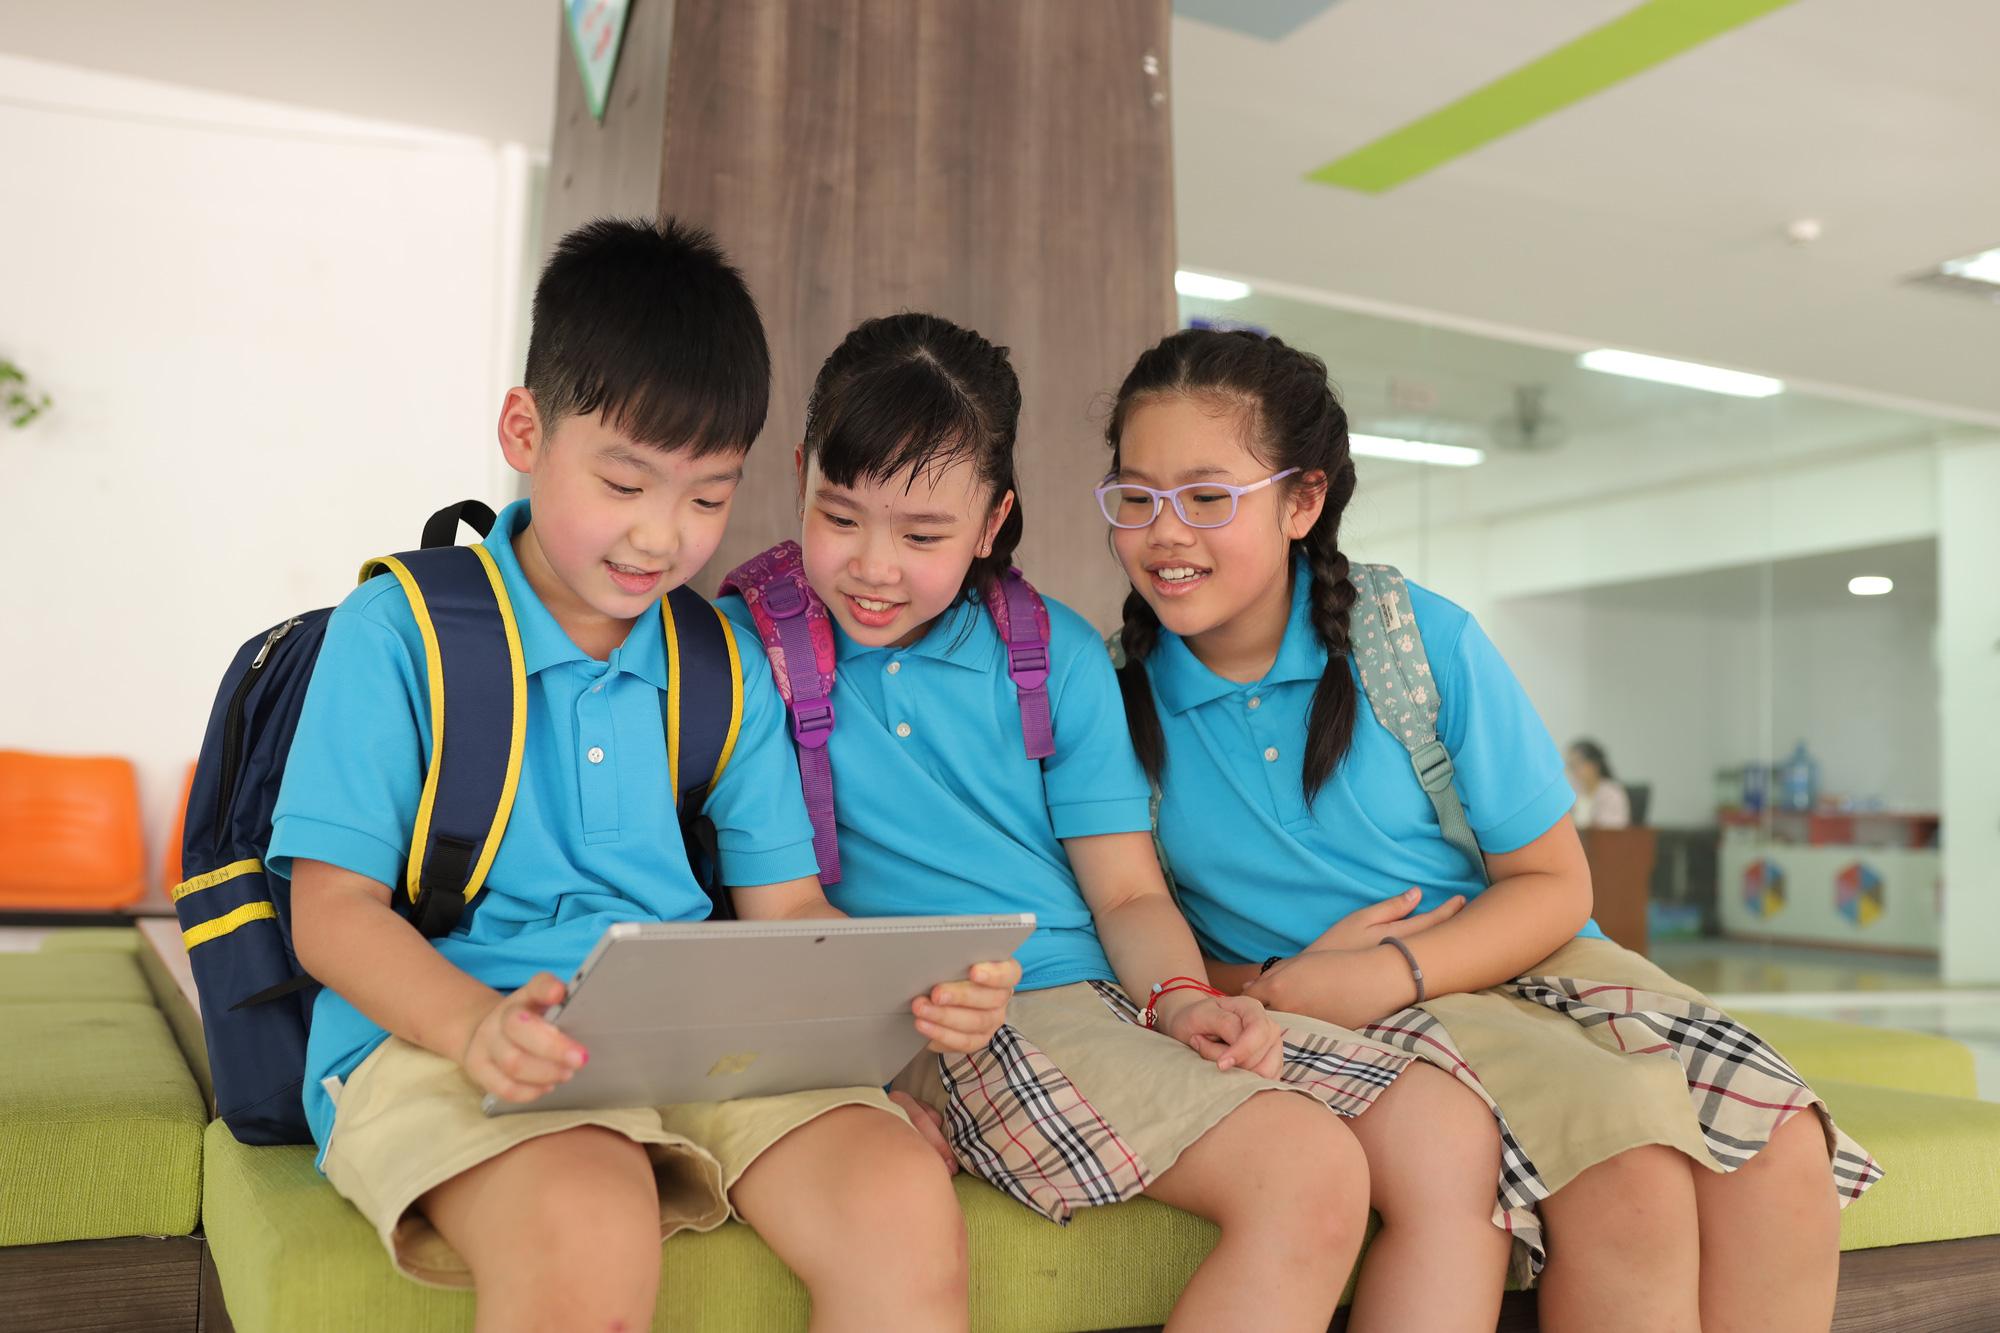 Nhiều chương trình của Tập đoàn Giáo dục EQuest được Cognia kiểm định quốc tế   - Ảnh 3.